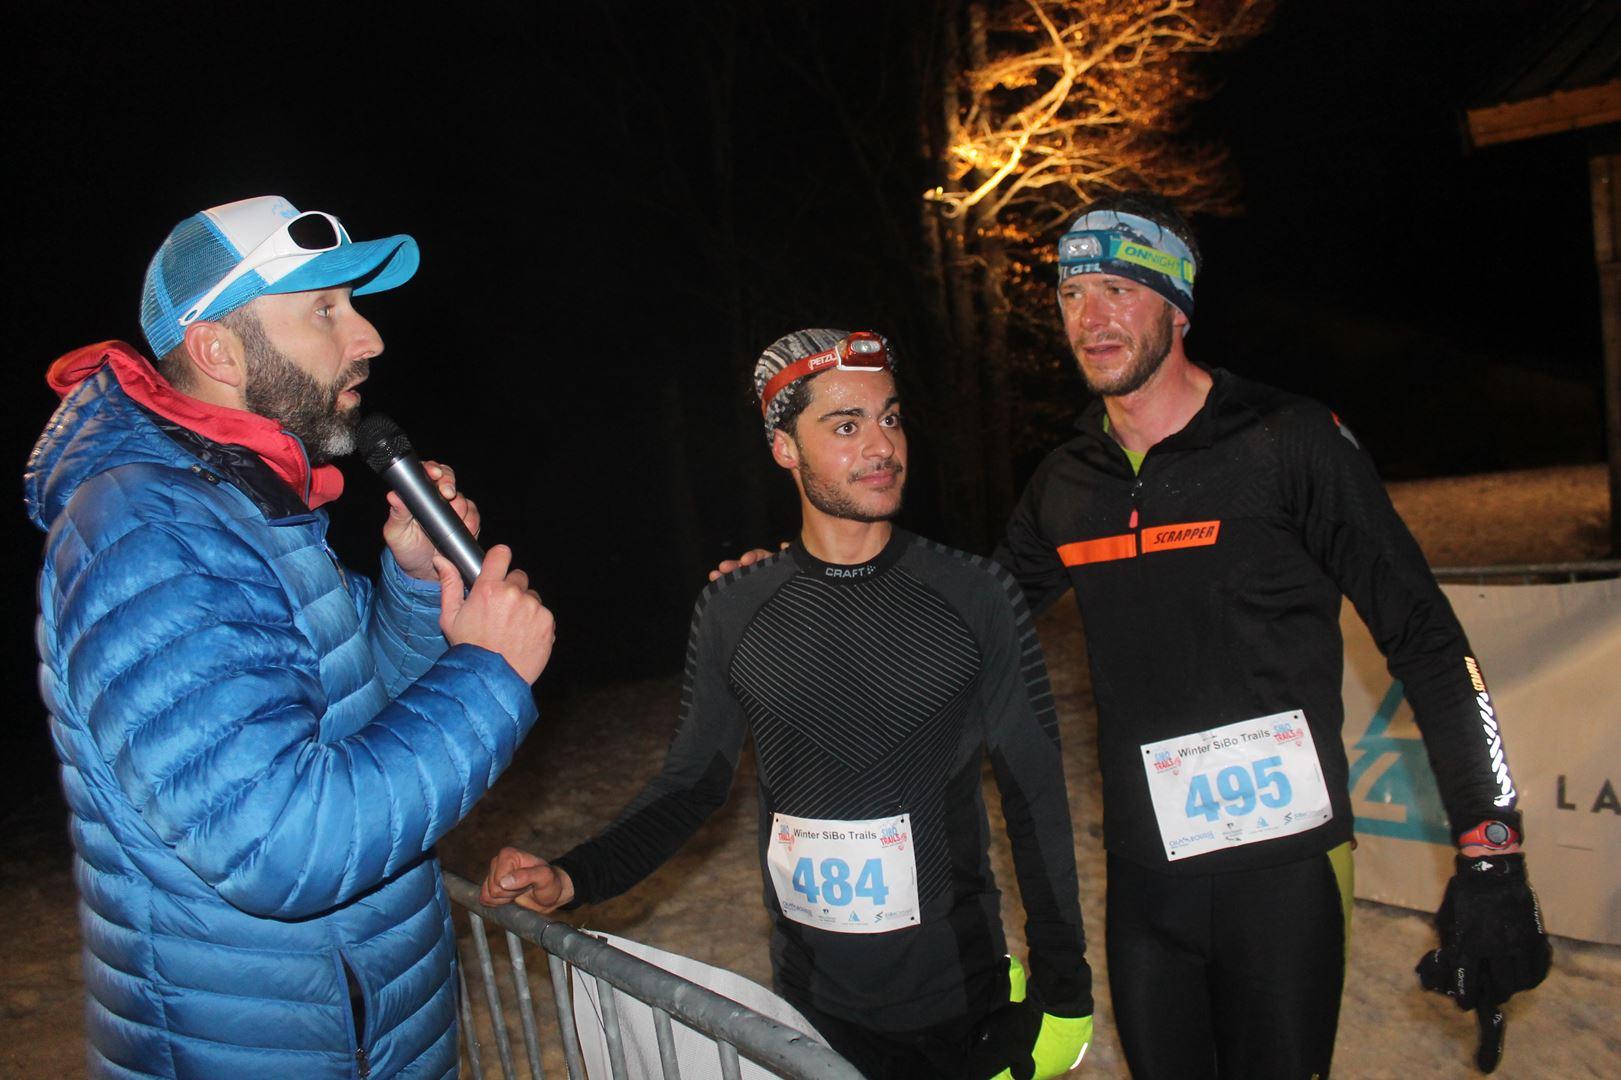 copie 0 arrivée des vainqueurs avec Silvère Bonnet - RÉSULTATS DU SIBO TRAIL BLANC LANS EN VERCORS (38) 02/03/2019